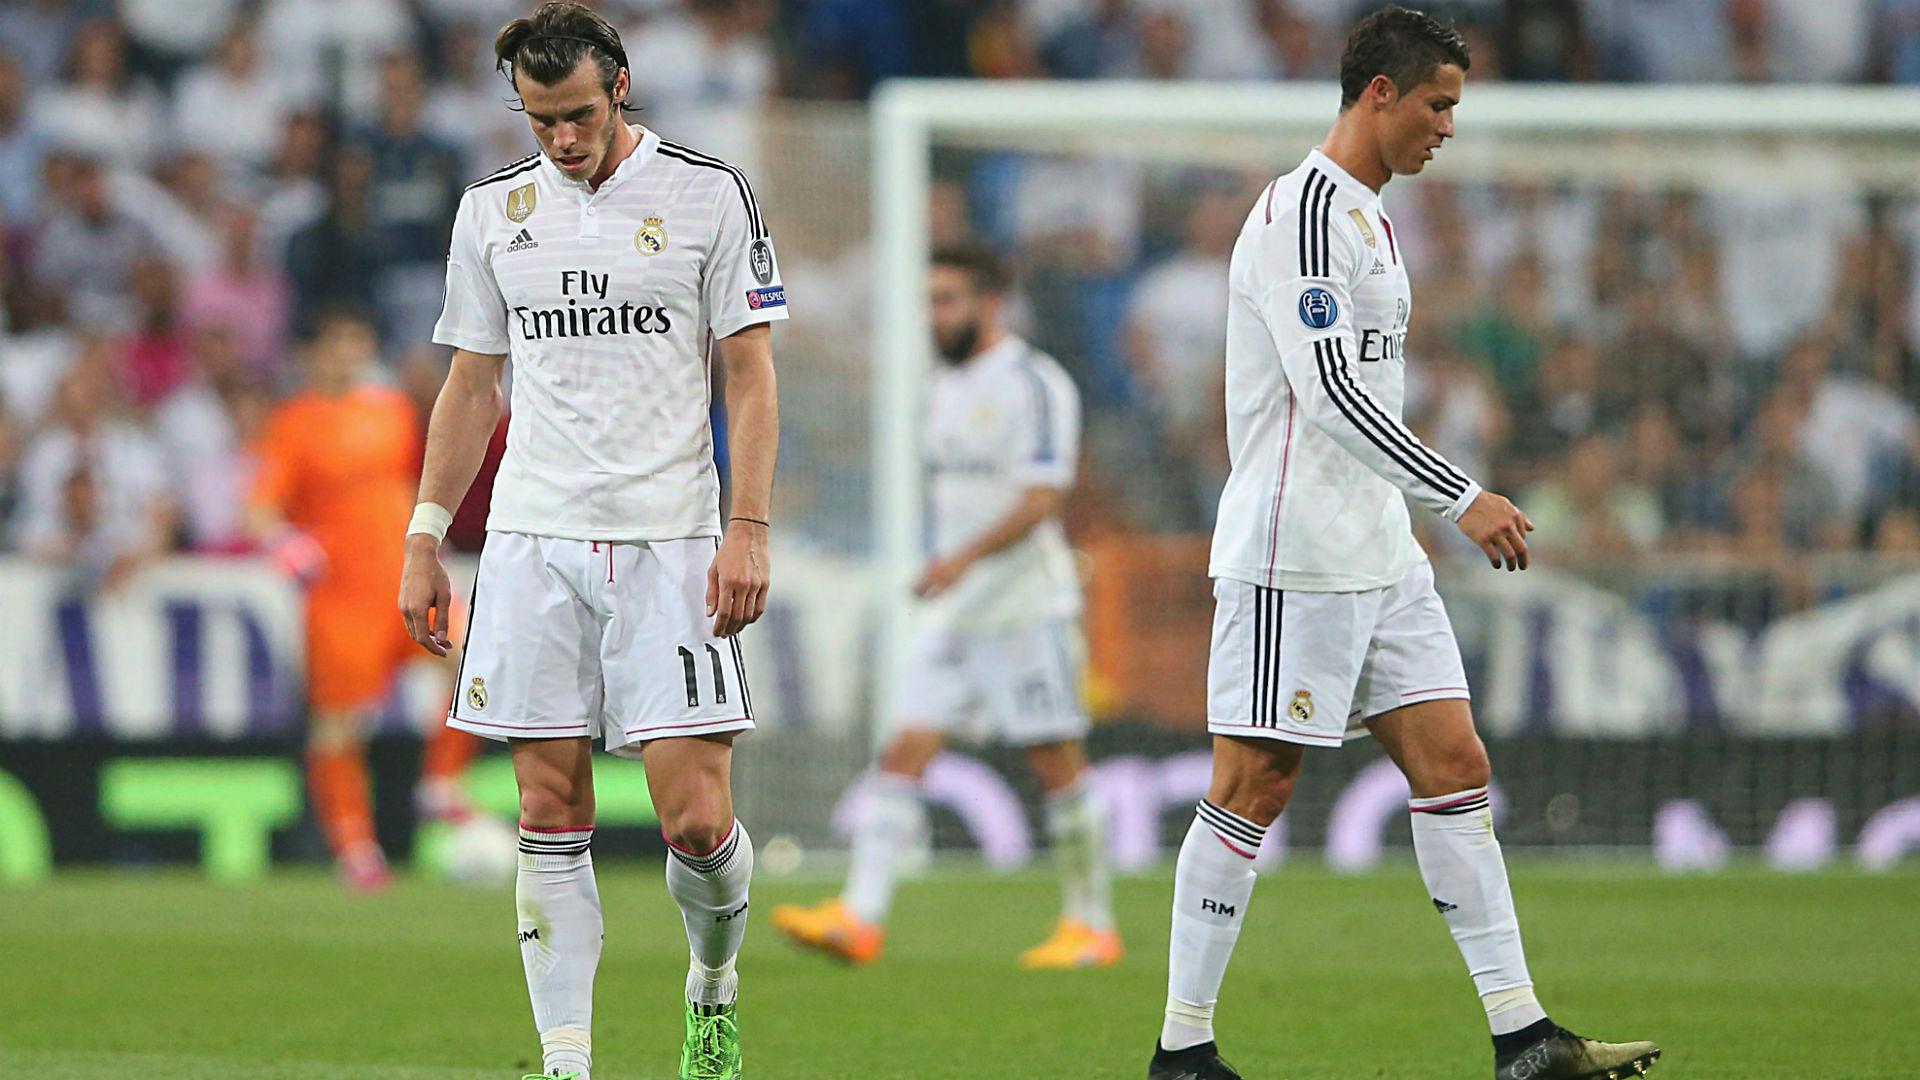 Bale-Ronaldo-051415-Getty-FTR.jpg